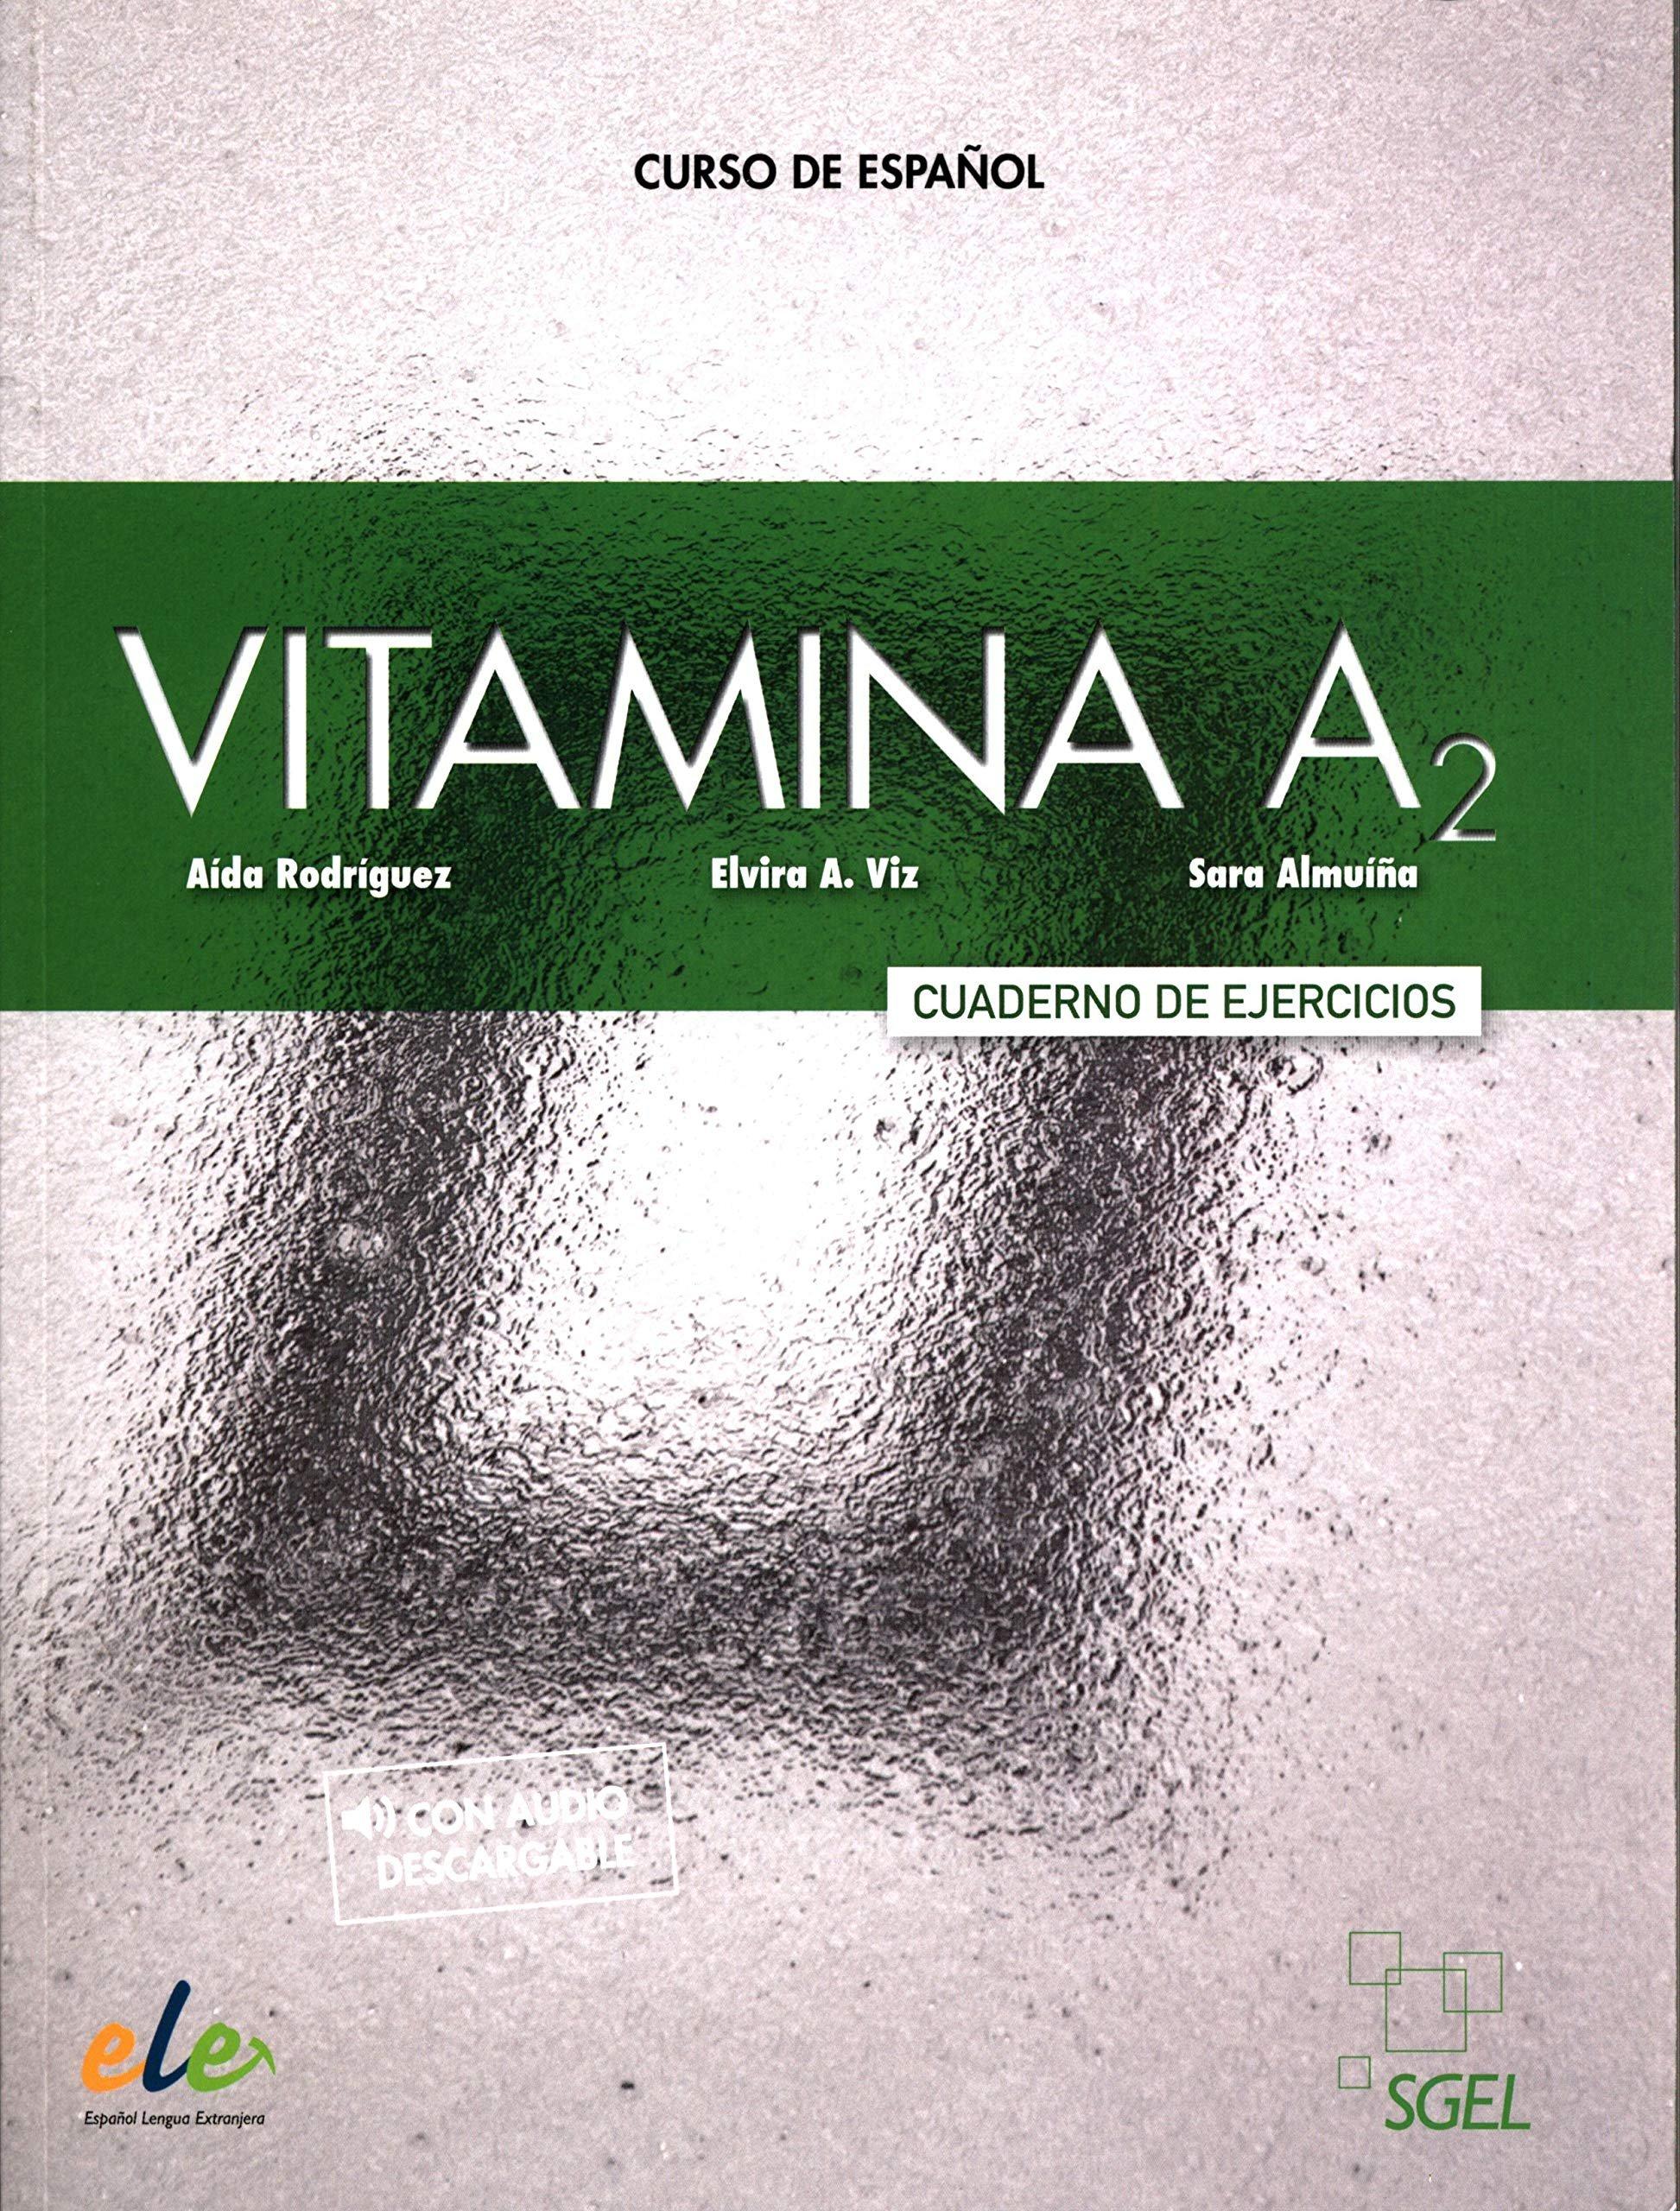 Vitamina A2 Ćwiczenia